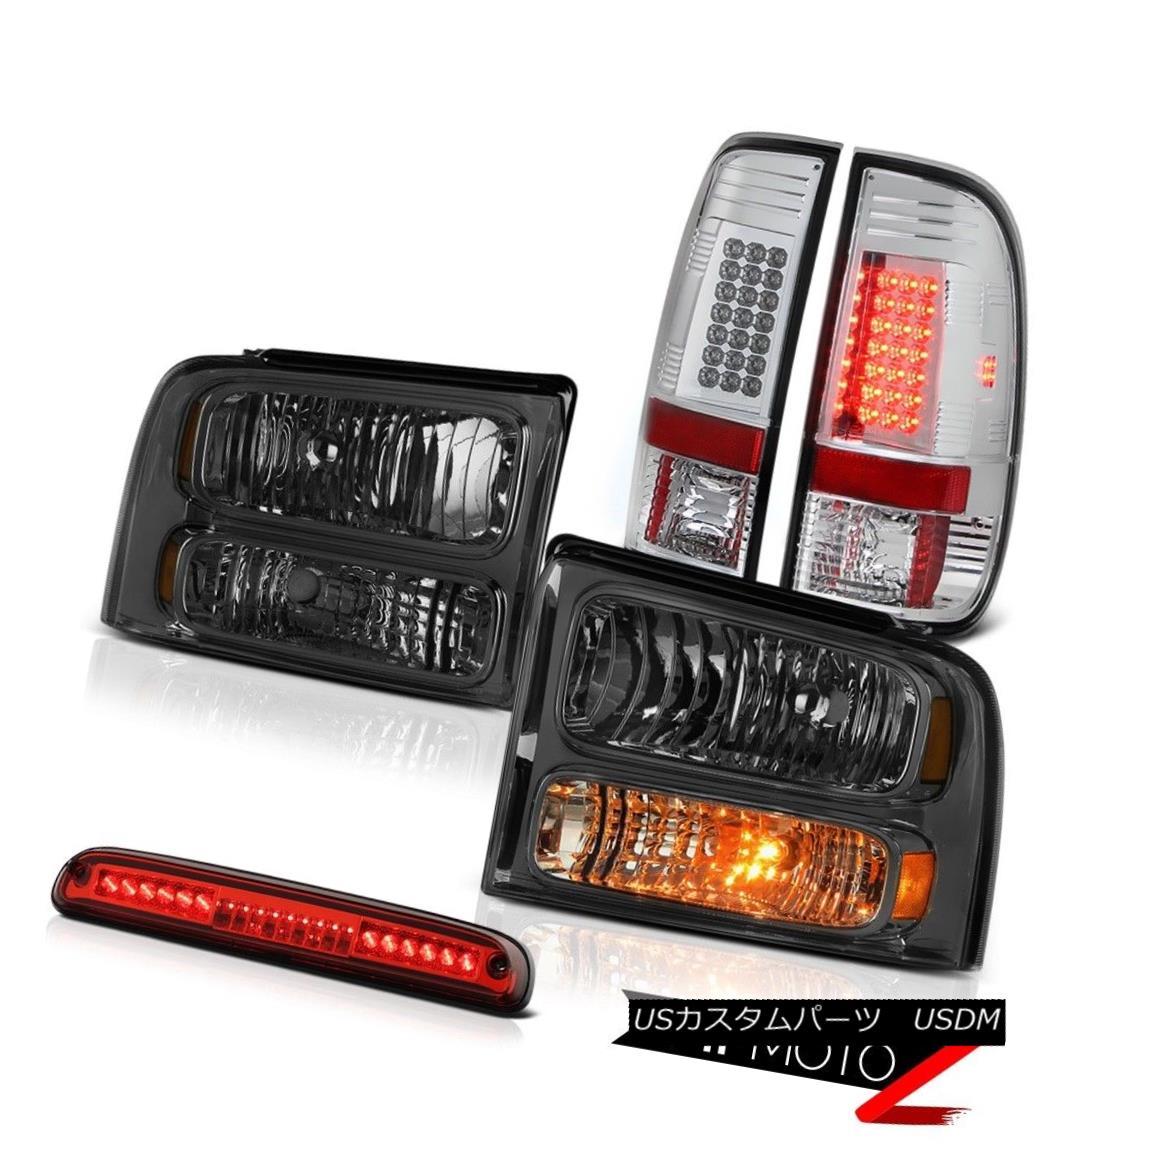 ヘッドライト 2005 2006 2007 Ford F250 Pair Smoke Headlamps Bright LED Taillight High Stop Red 2005年2006 2007年Ford F250ペア煙ヘッドランプ明るいLED晴天ハイストップレッド